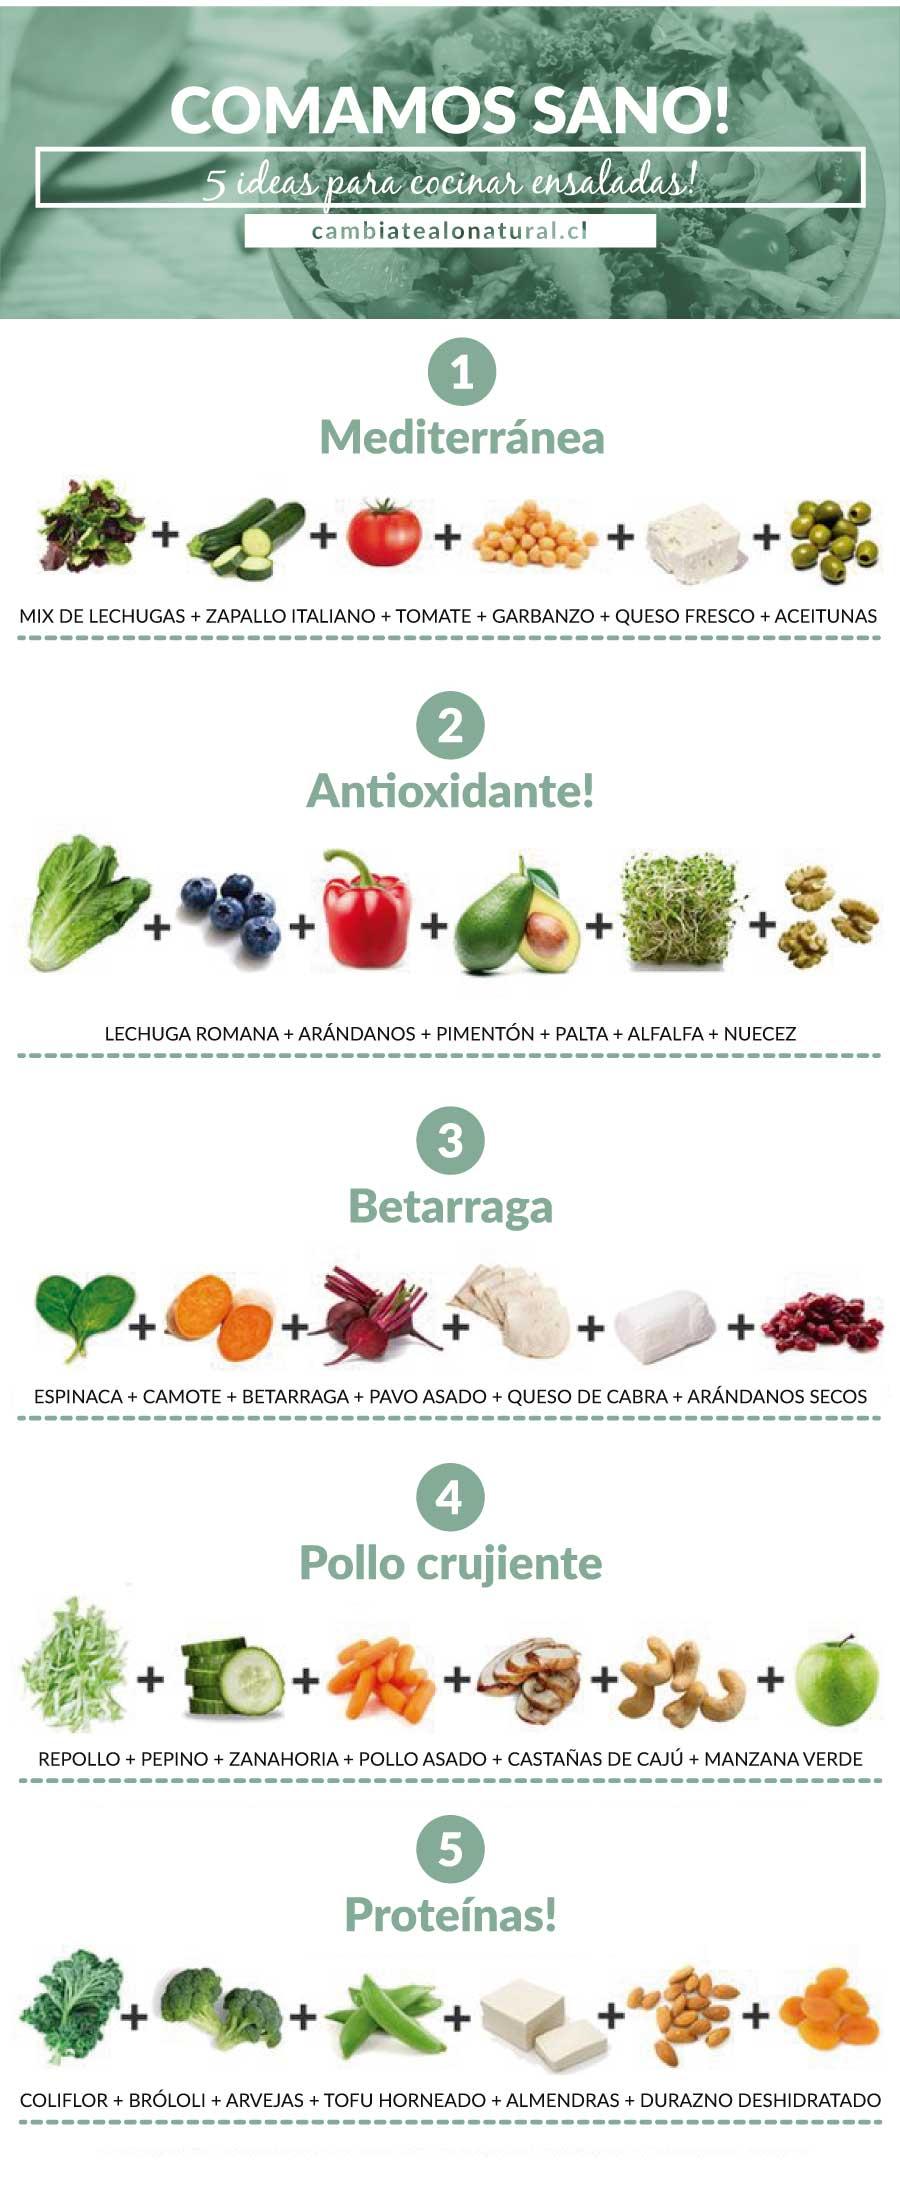 5 ideas para ensaladas